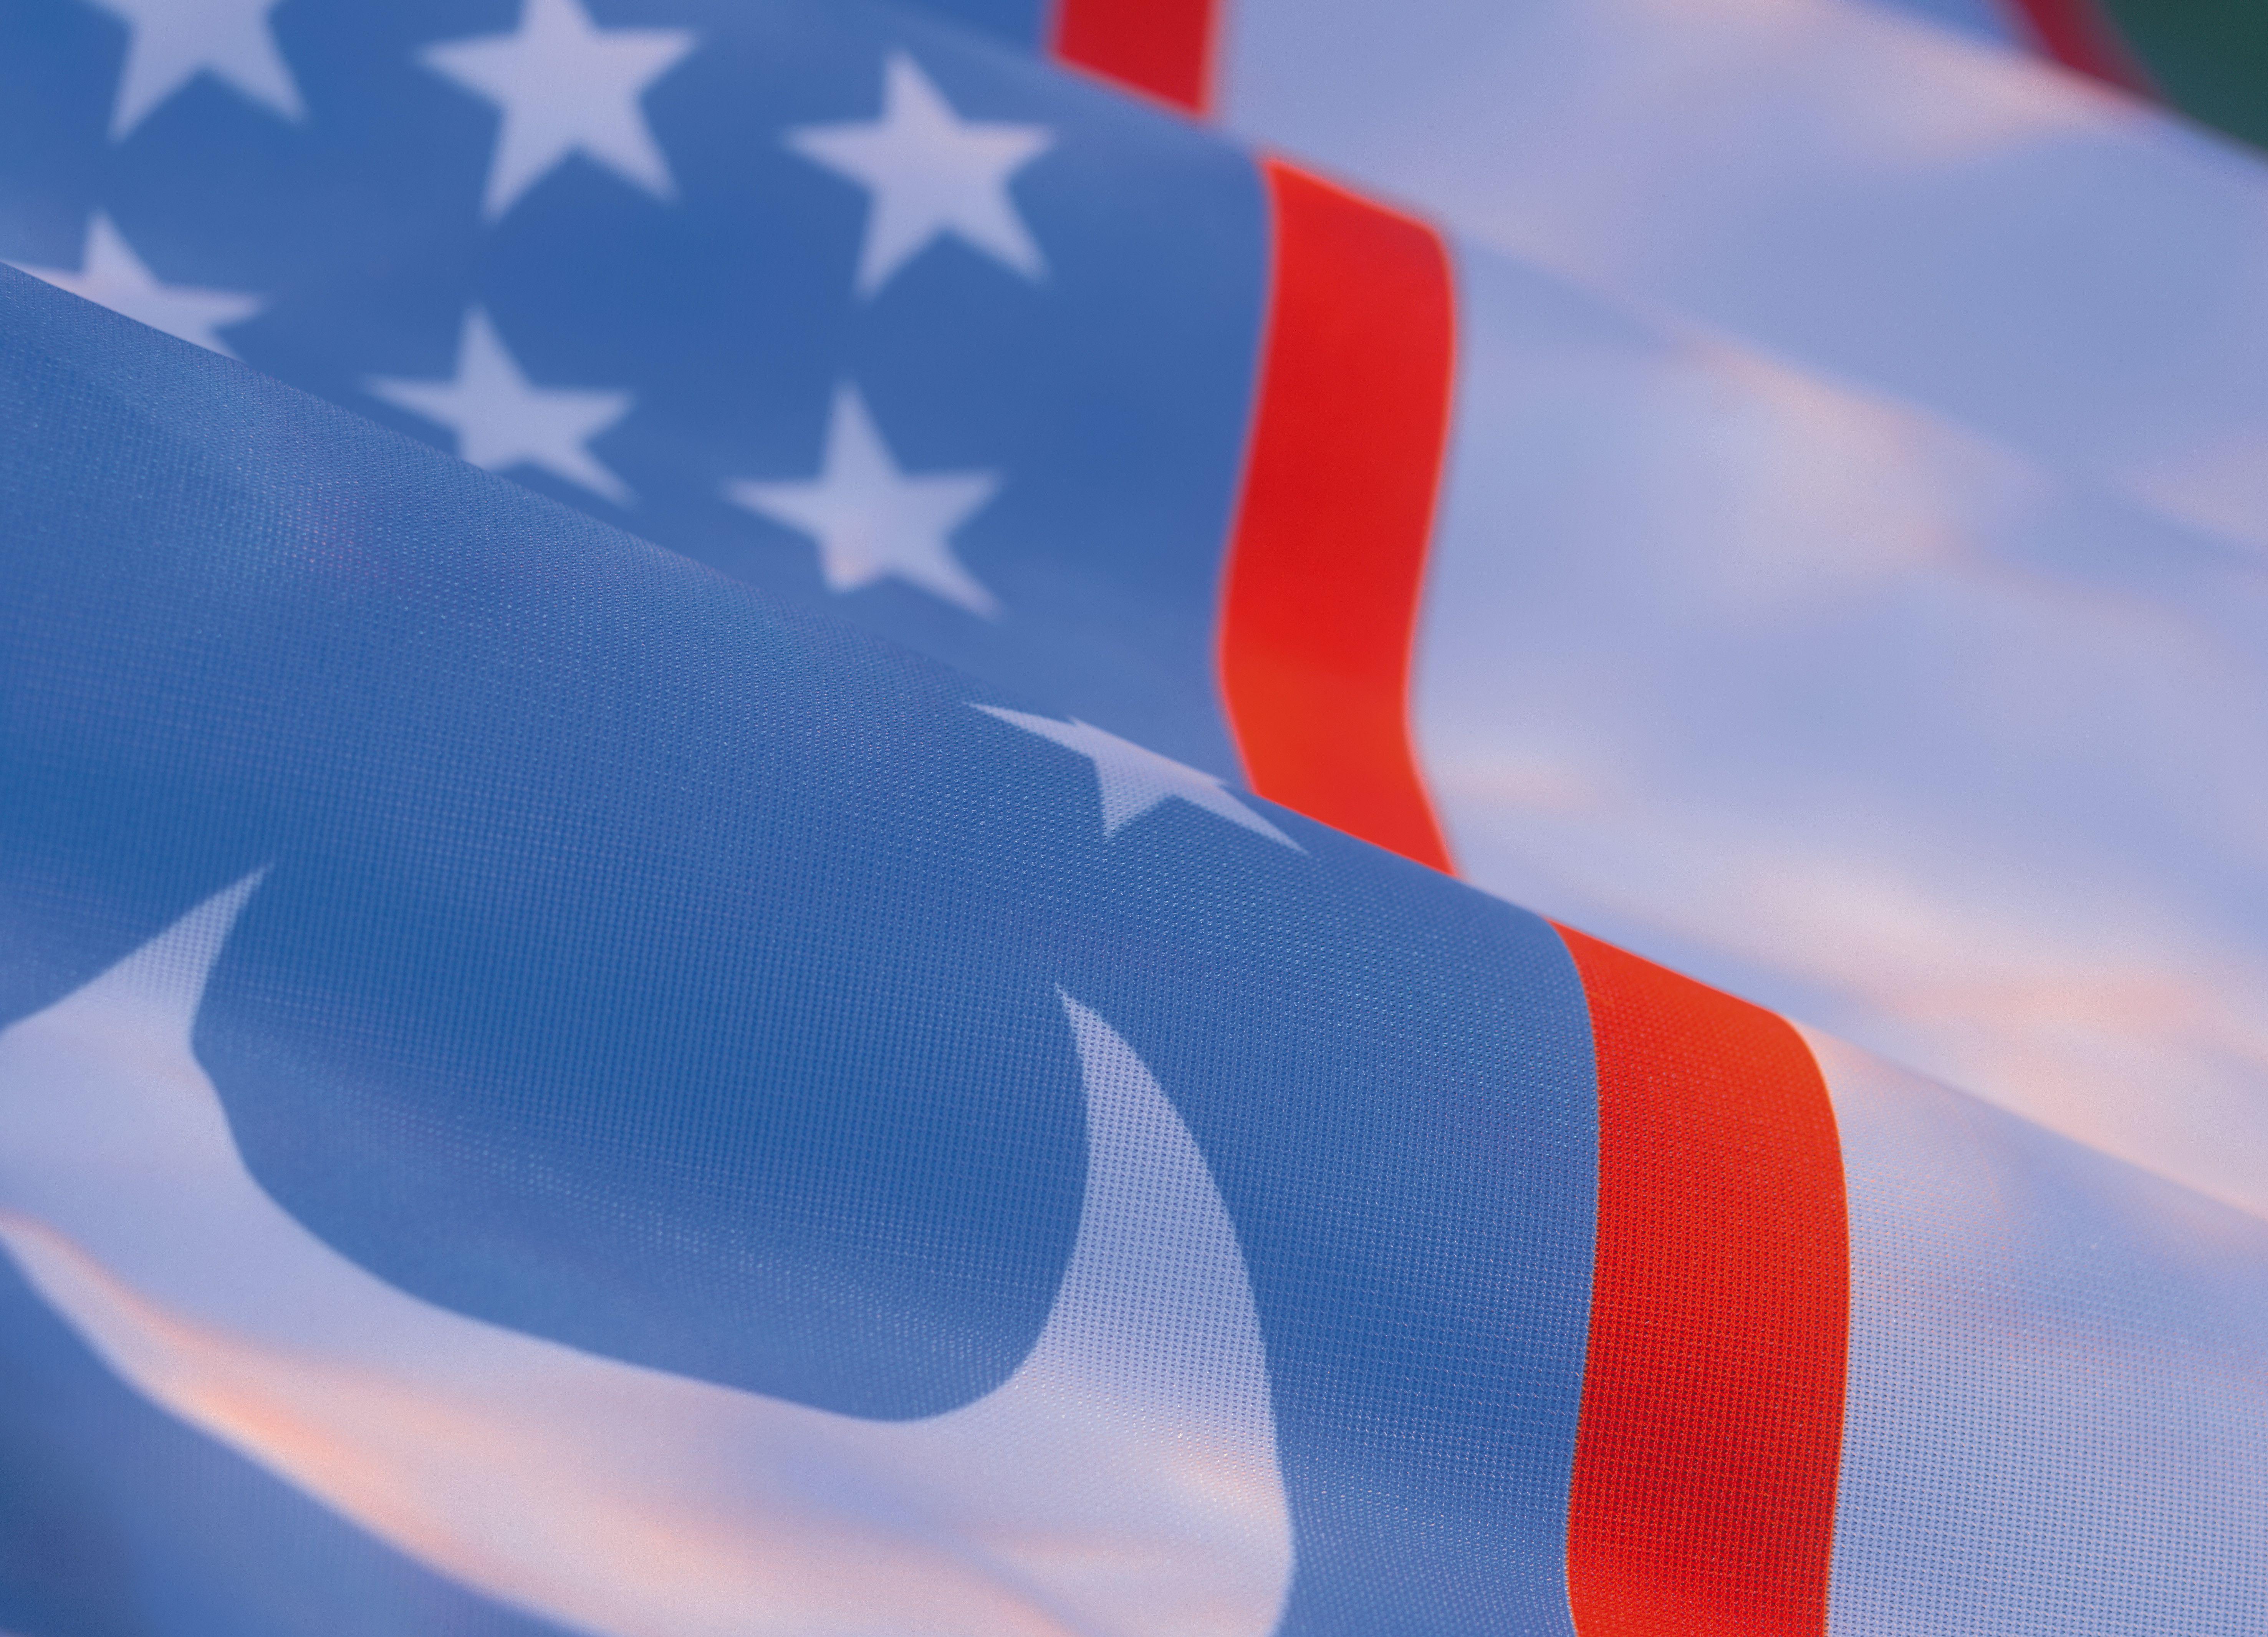 close-up of the flag of Uzbekistan